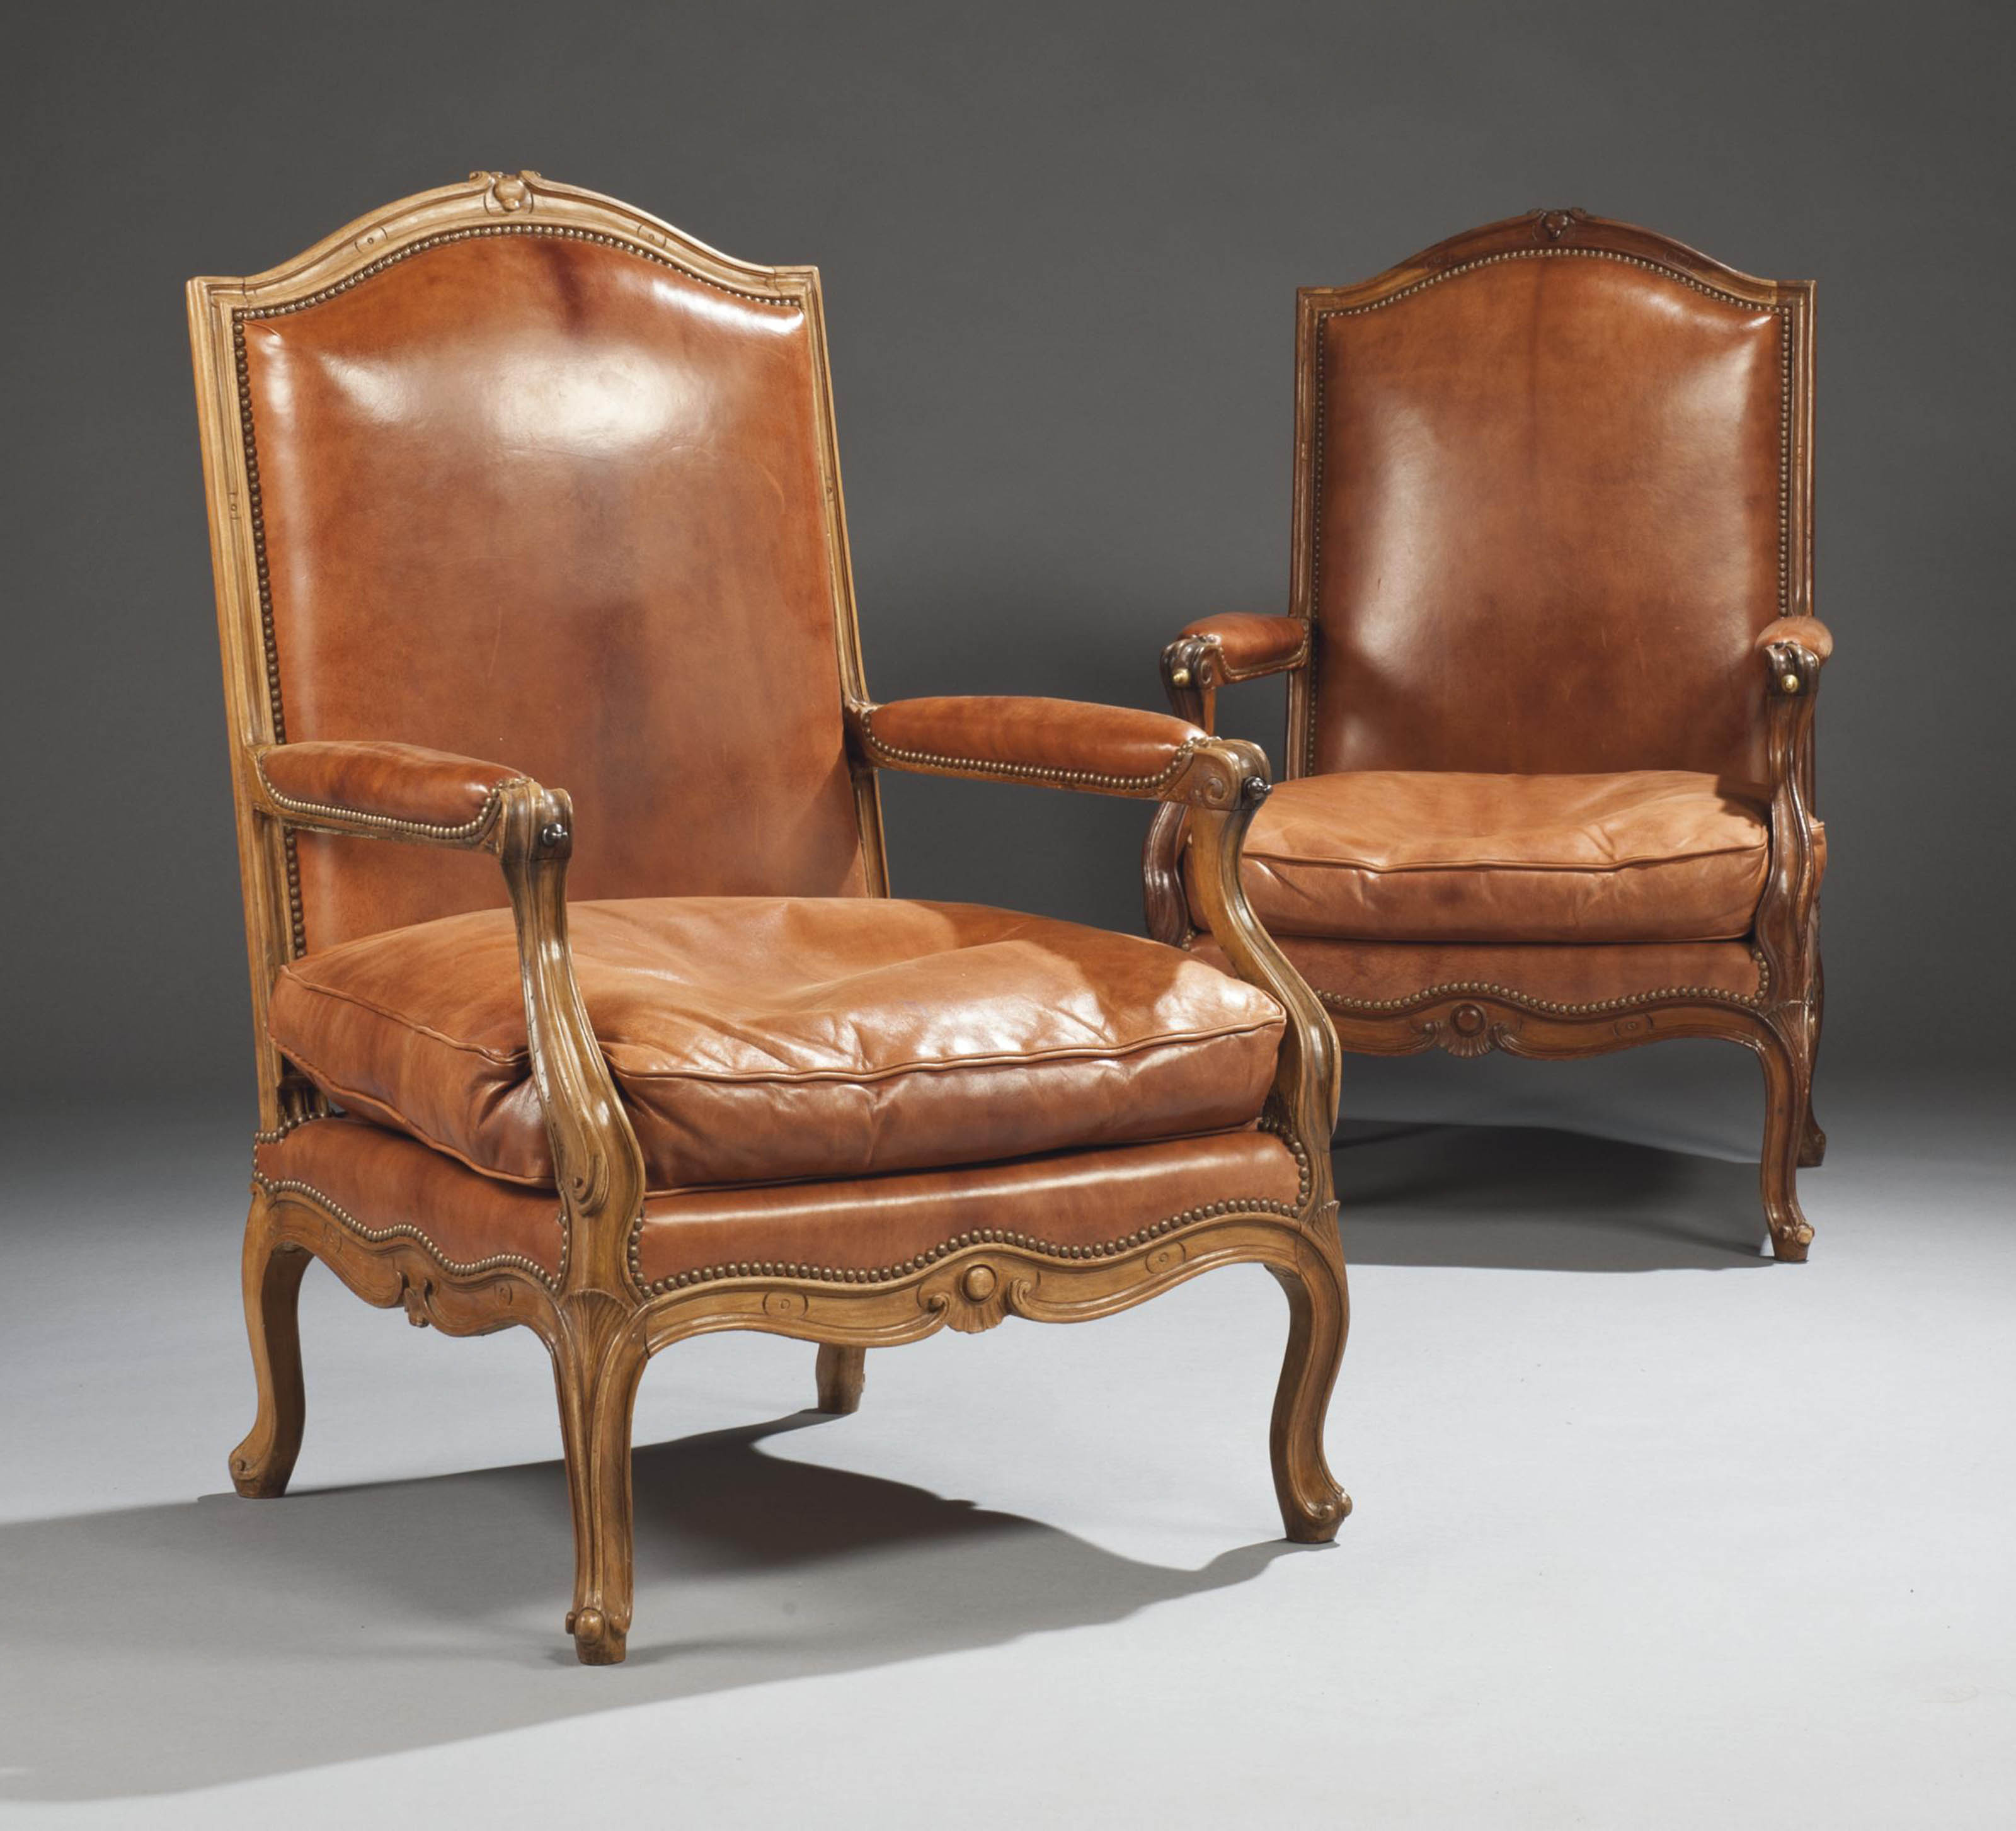 large fauteuil a la reine d 39 epoque louis xv avec un fauteuil du meme modele d 39 epoque posterieure. Black Bedroom Furniture Sets. Home Design Ideas